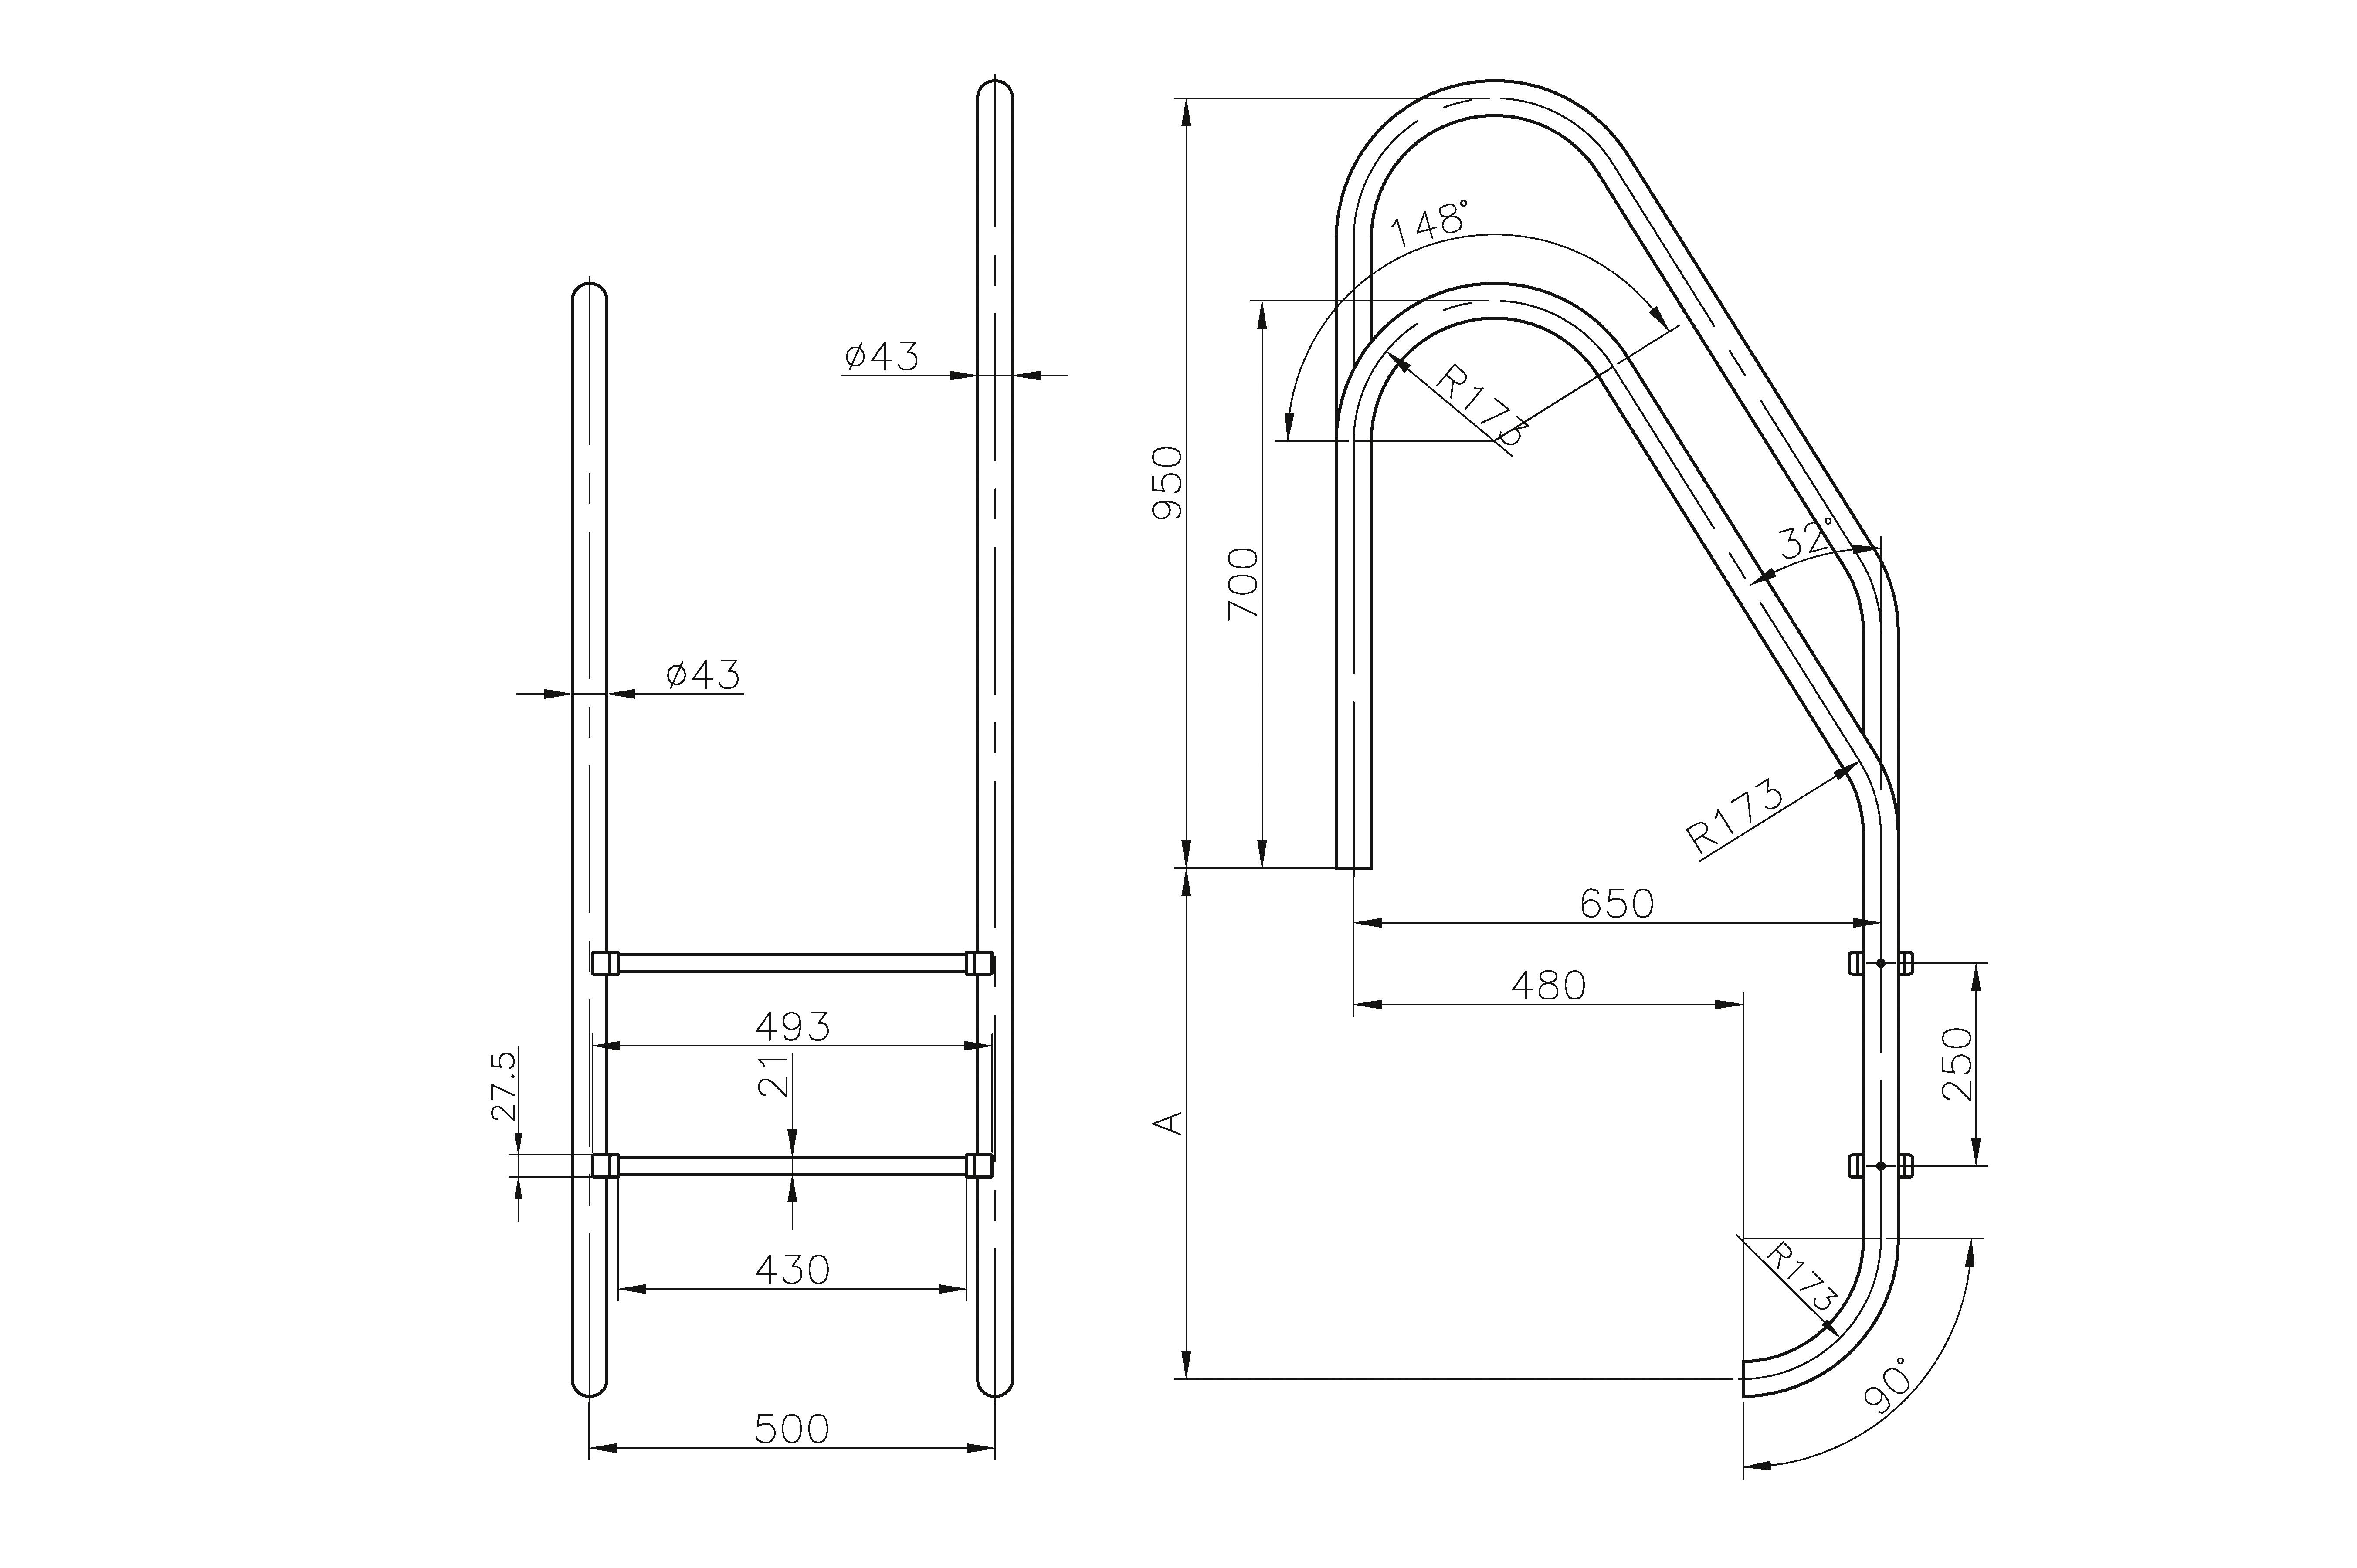 Asymmetric Standard Ladders